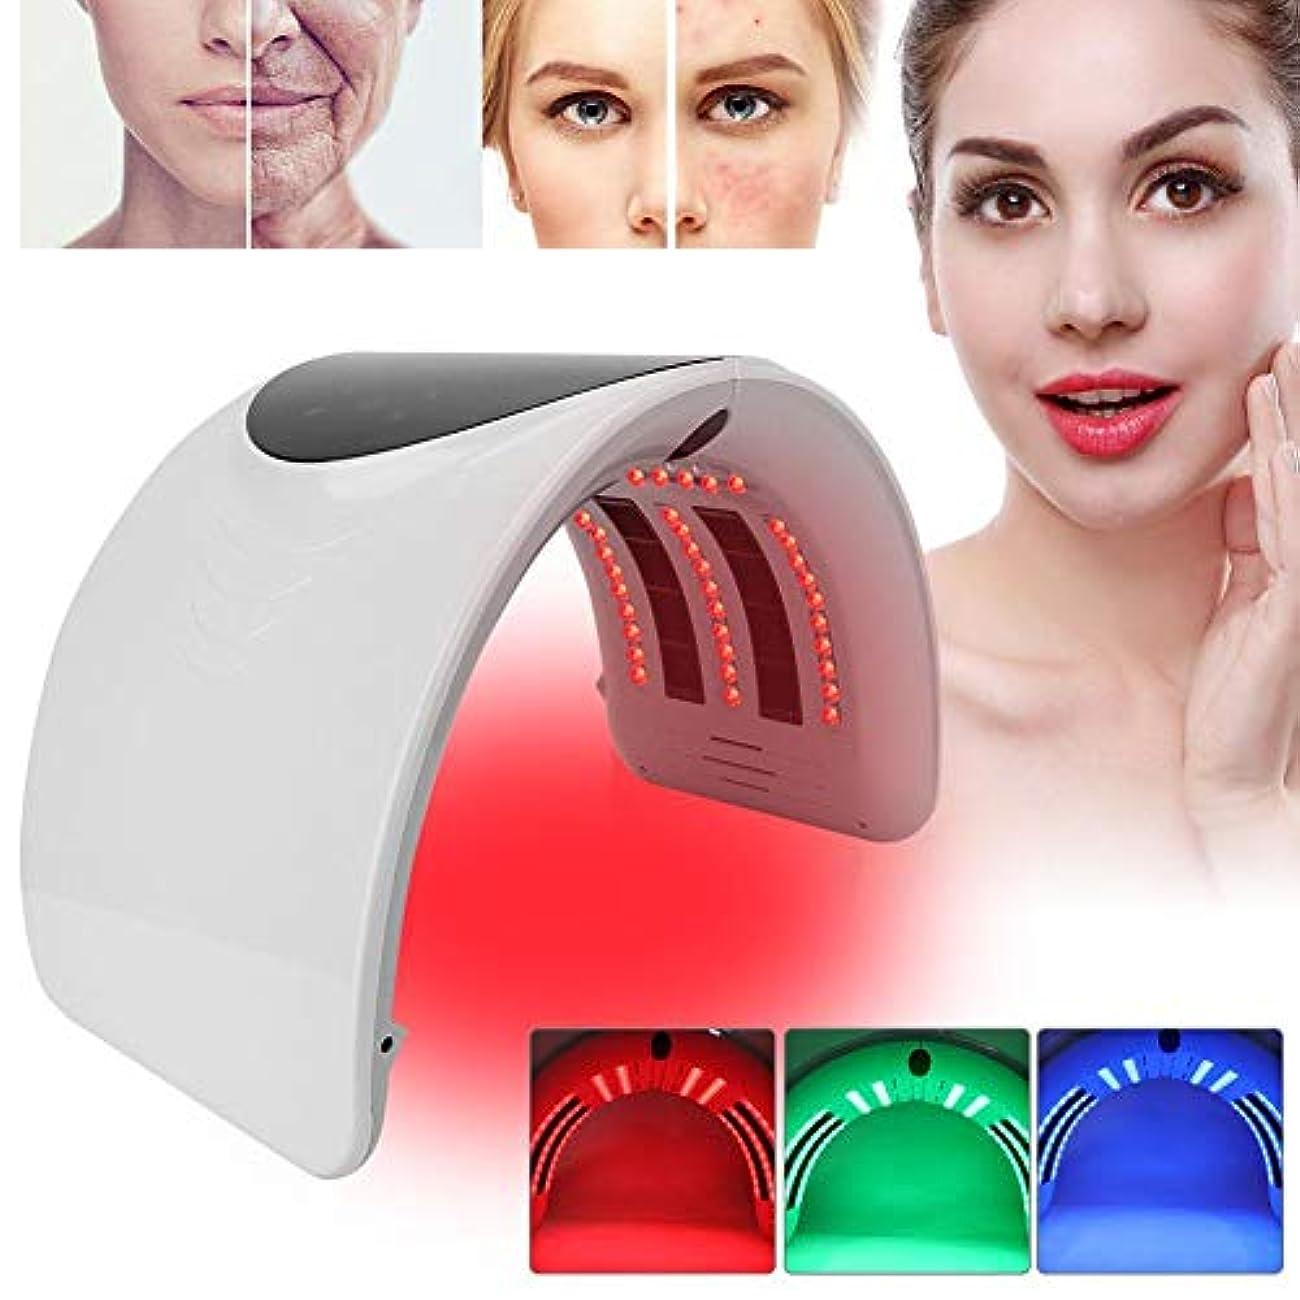 皮のより良い機械、光子の美機械は効果的にアクネの傷およびアレルギーの皮LEDの光子機械皮の美装置を改良します(US-PLUG)